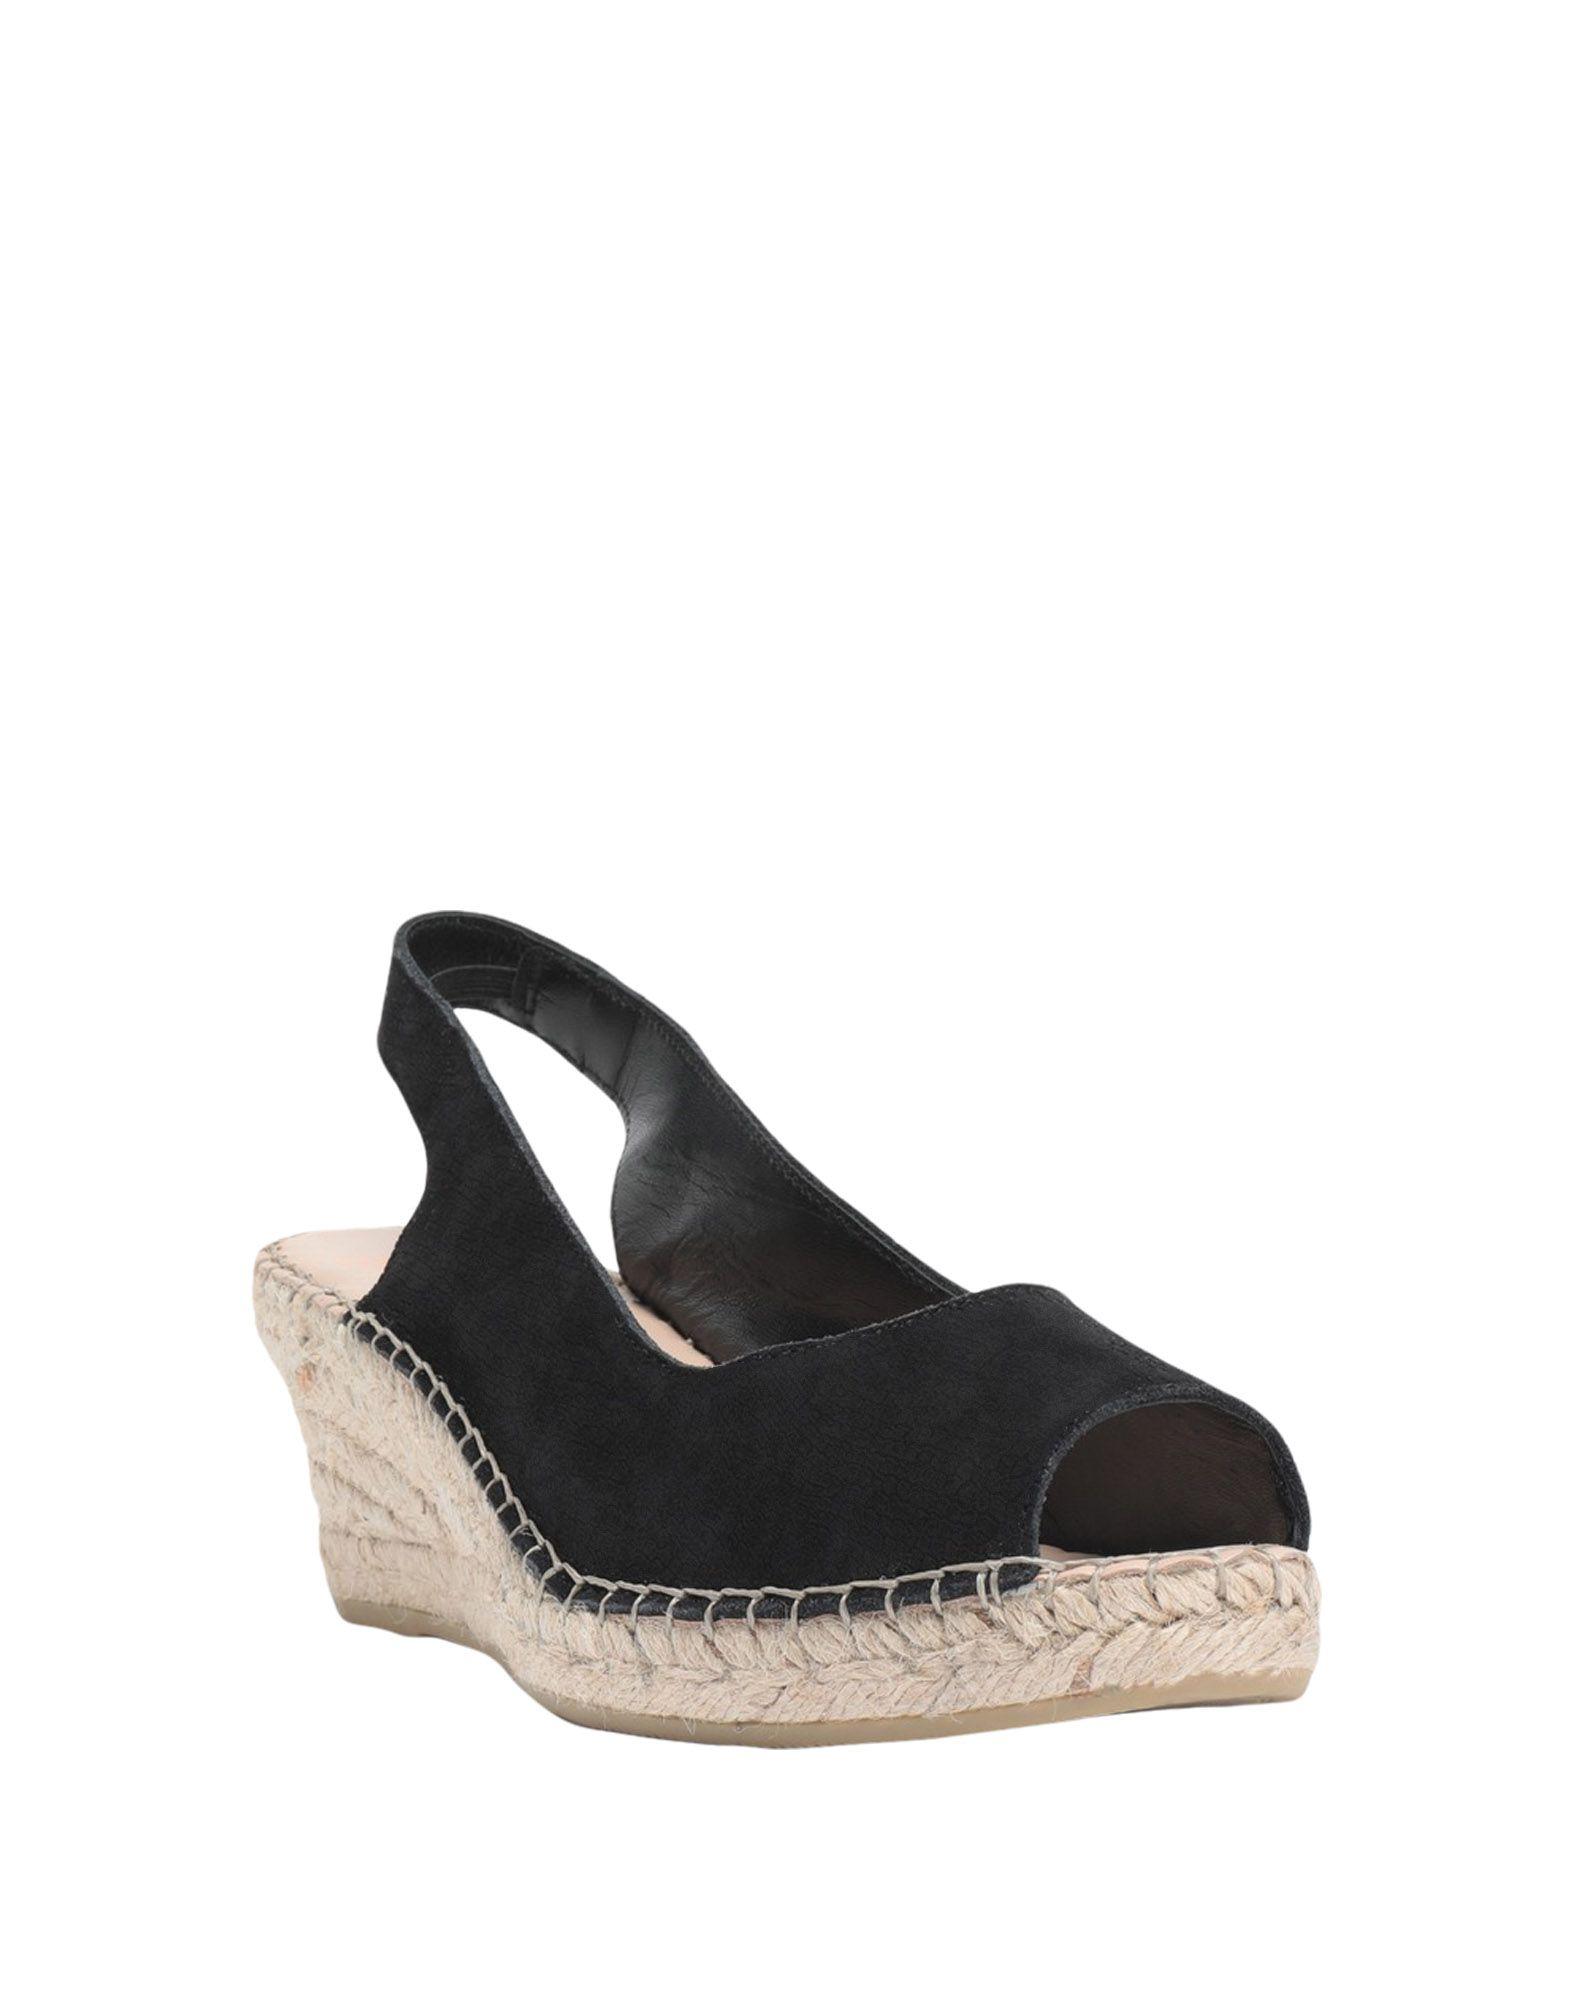 Fred Bretoniere De La Bretoniere Fred Sandalen Damen  11529916TL Gute Qualität beliebte Schuhe 3f39ad